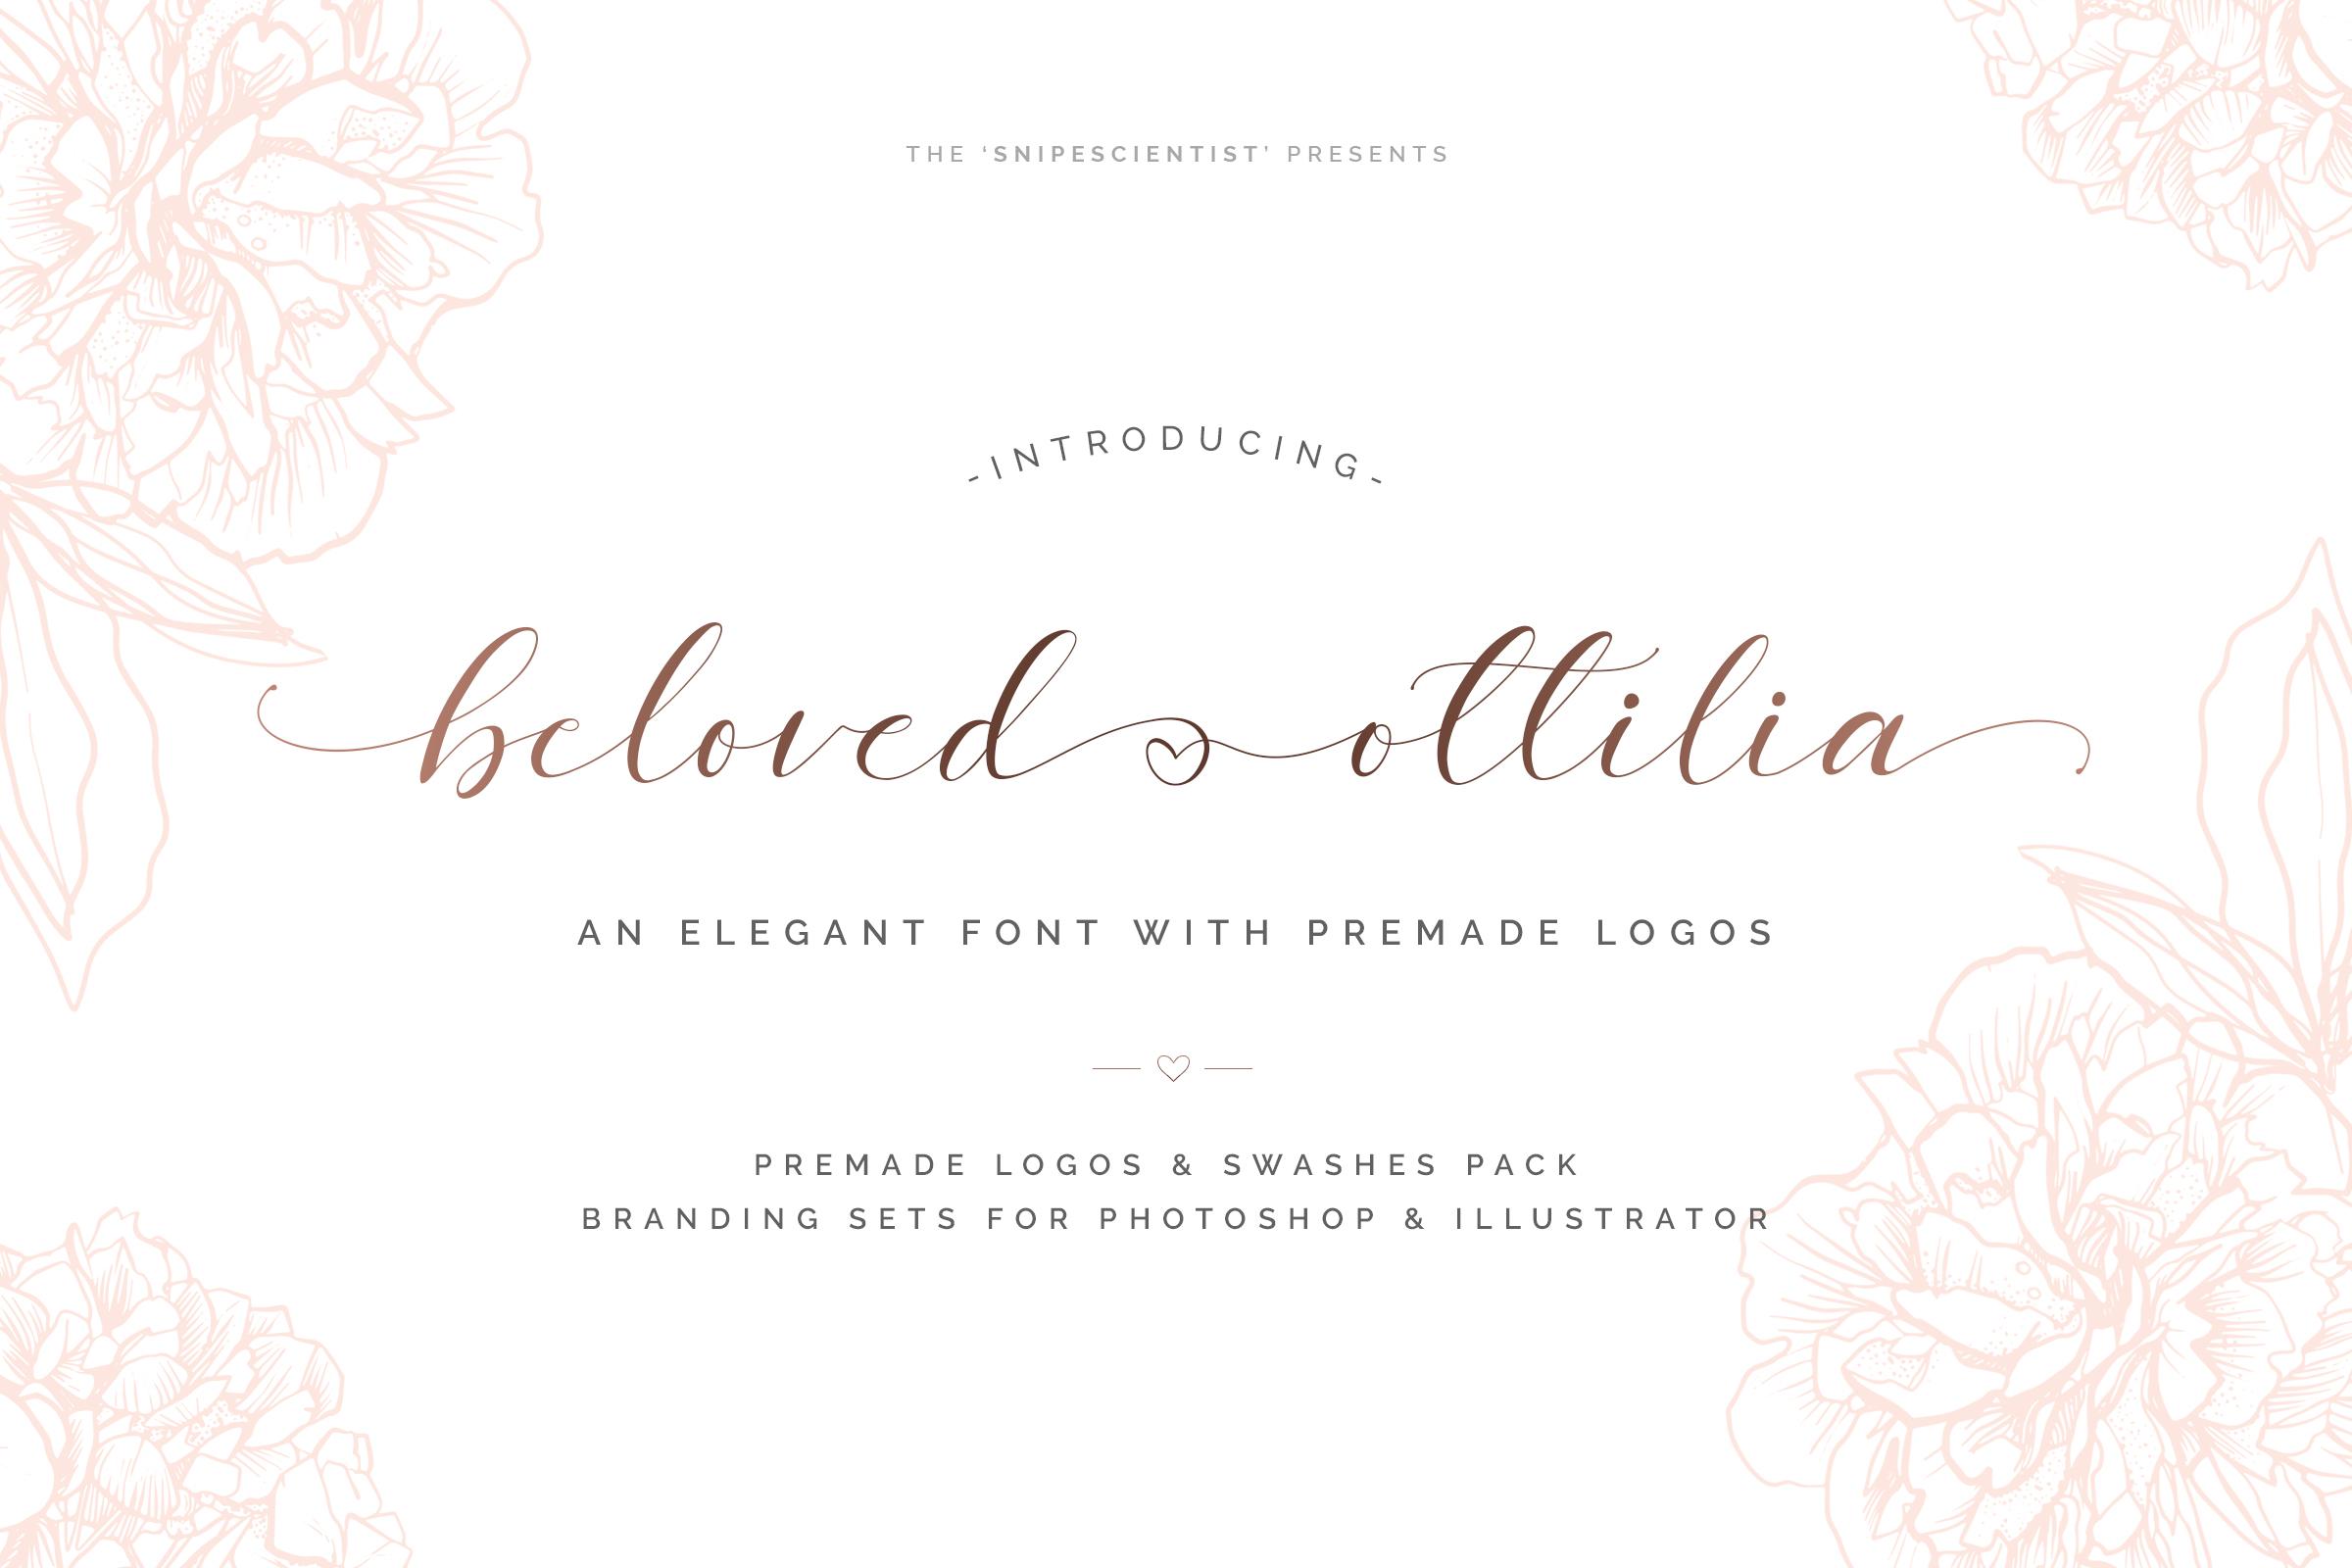 Beloved Ottilia Font 60 Free Logos example image 2